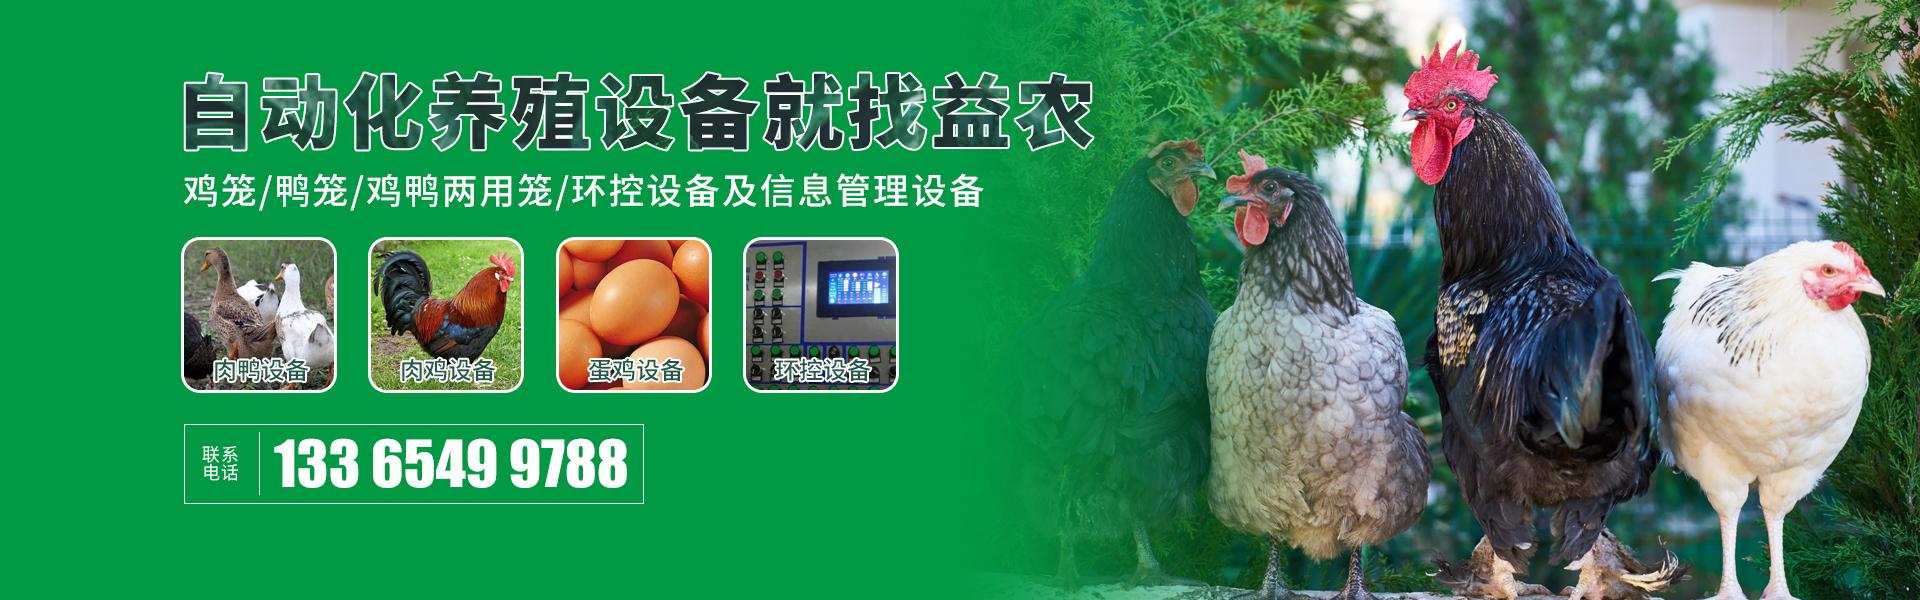 臨沂市益農養殖設備有限公司是一家生產各種肉鴨籠,肉雞籠,蛋鴨籠,蛋雞籠等養殖設備的廠家,還可以根據客戶要求進行訂制,質量保證,歡迎前來訂購:13365499788.